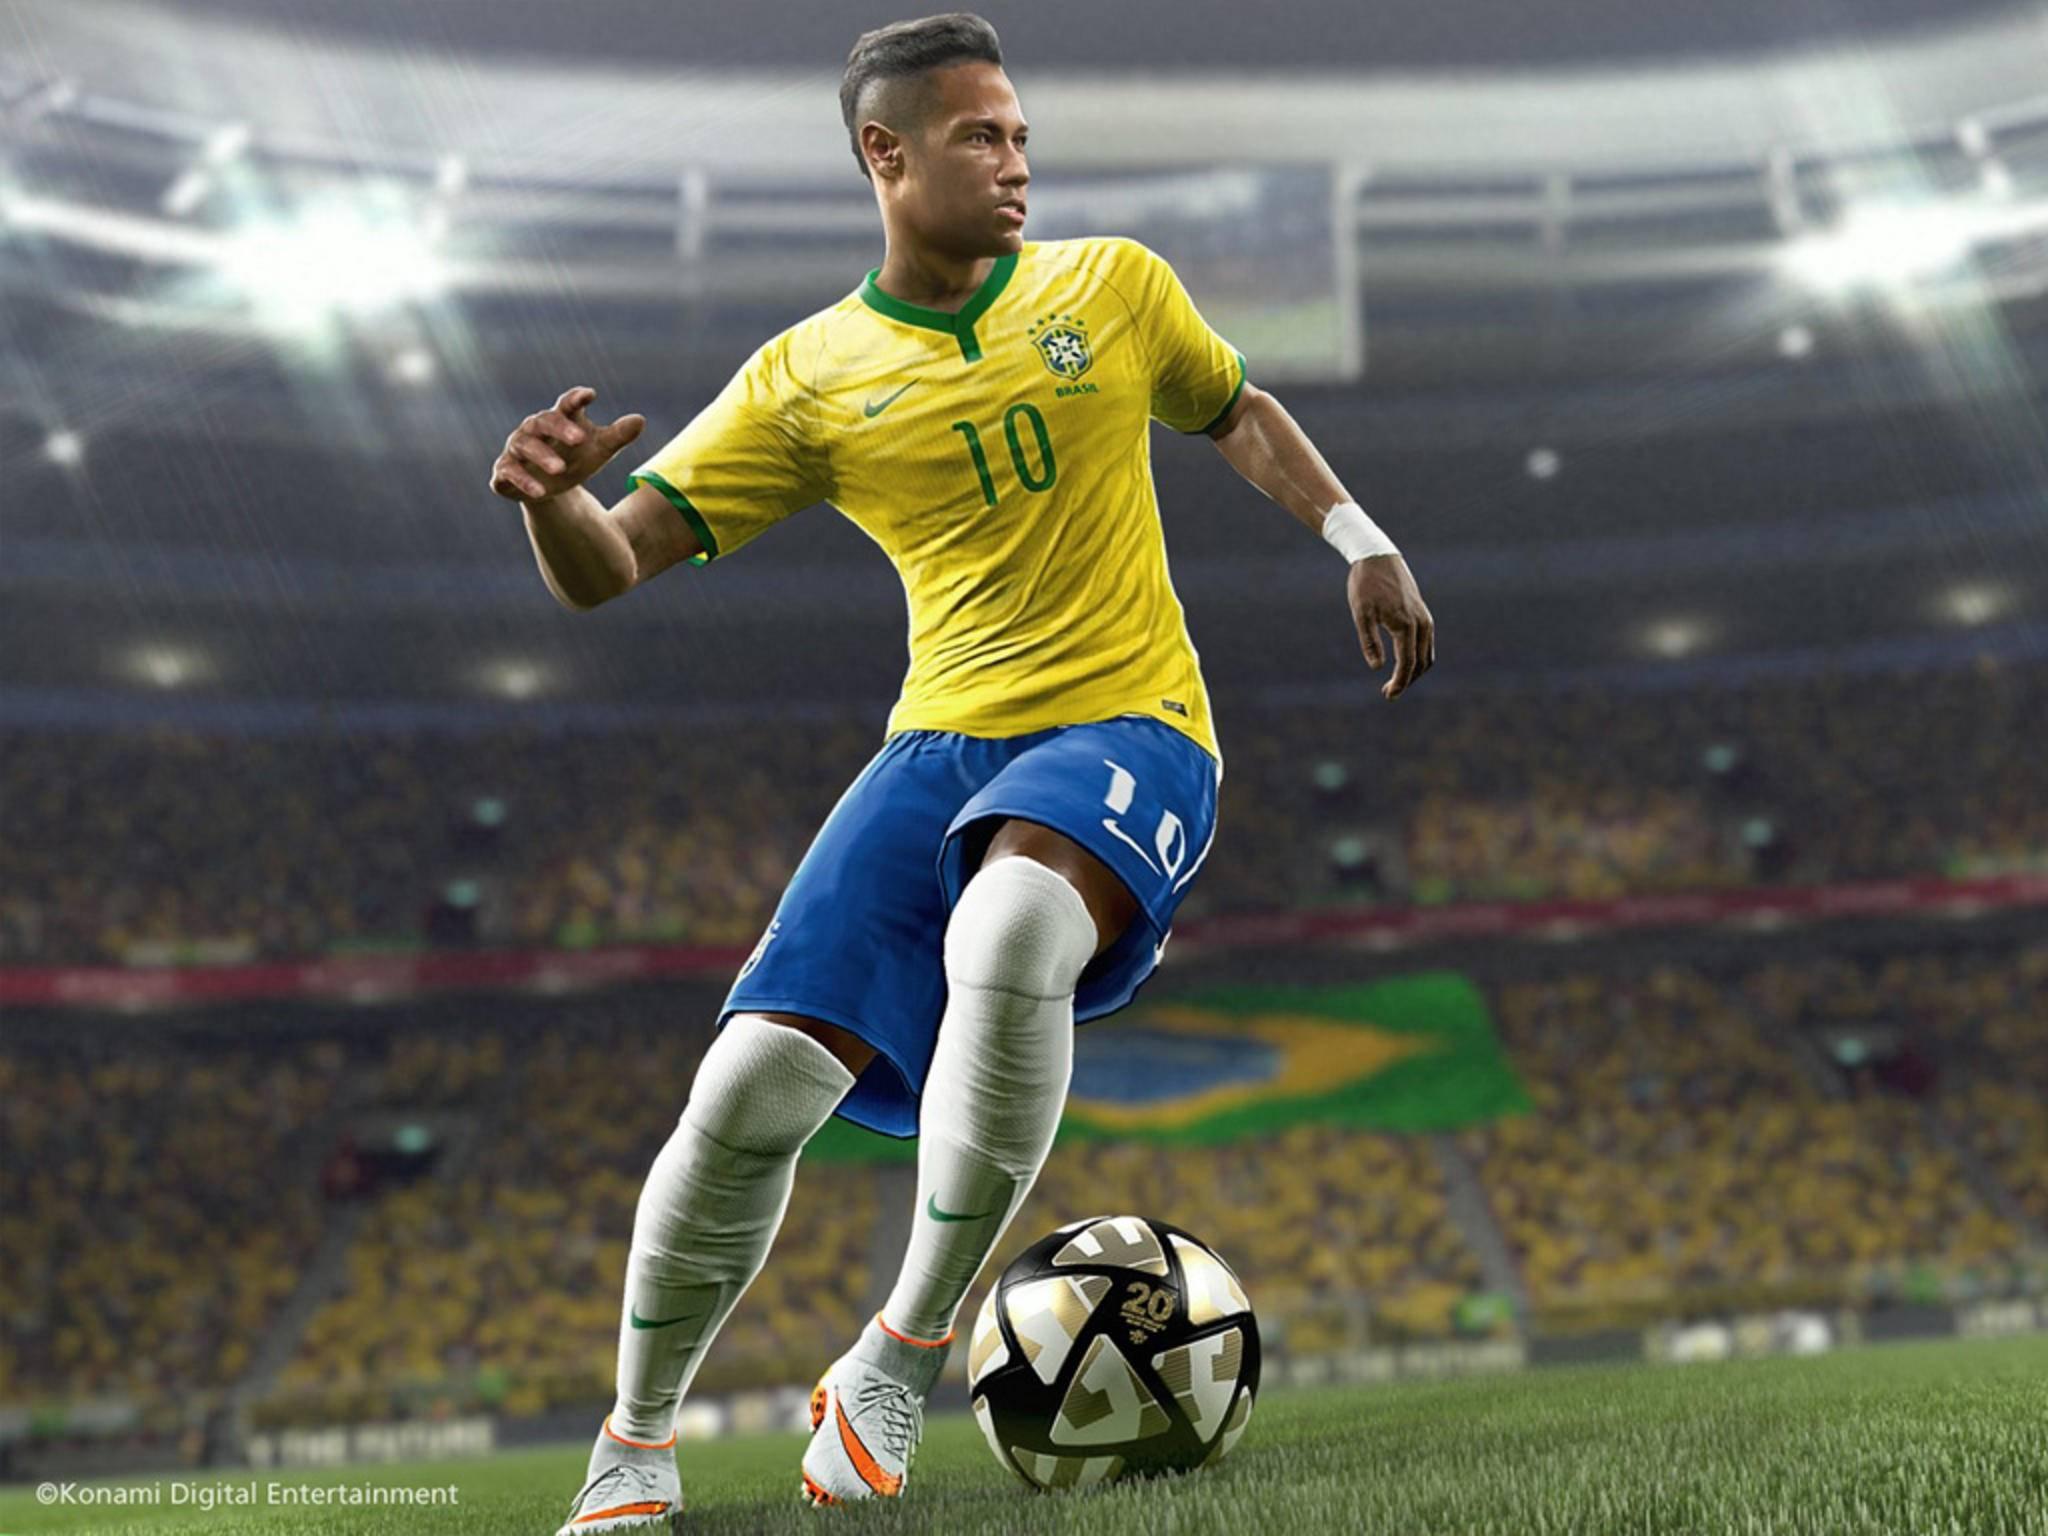 """""""PES 2016"""" tritt gegen """"FIFA 16"""" an. Doch wer überzeugt im direkten Vergleich?"""